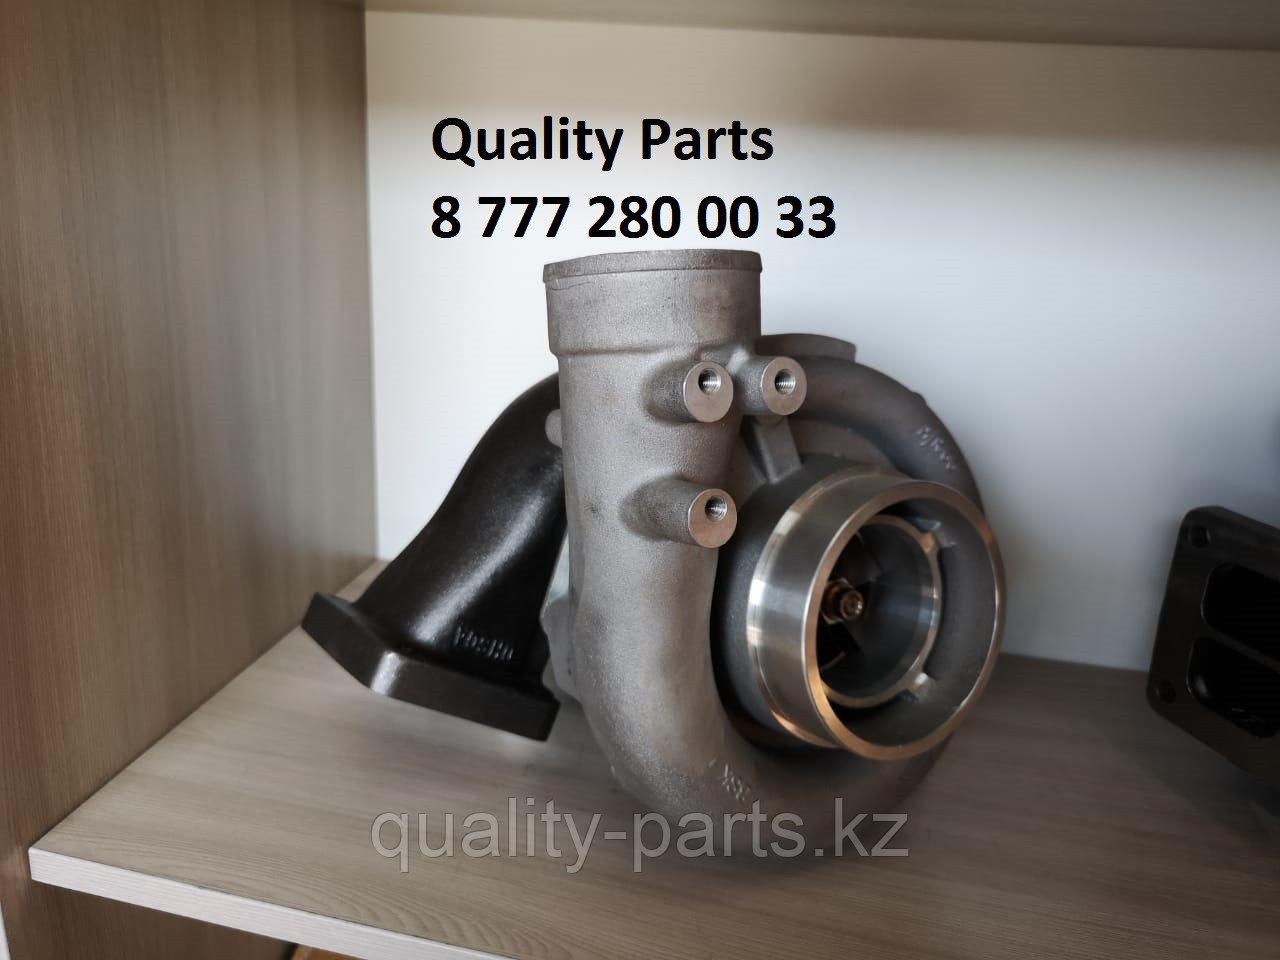 Турбина 706844-5004 GT4294 DAF (Даф) турбокомпрессор DAF